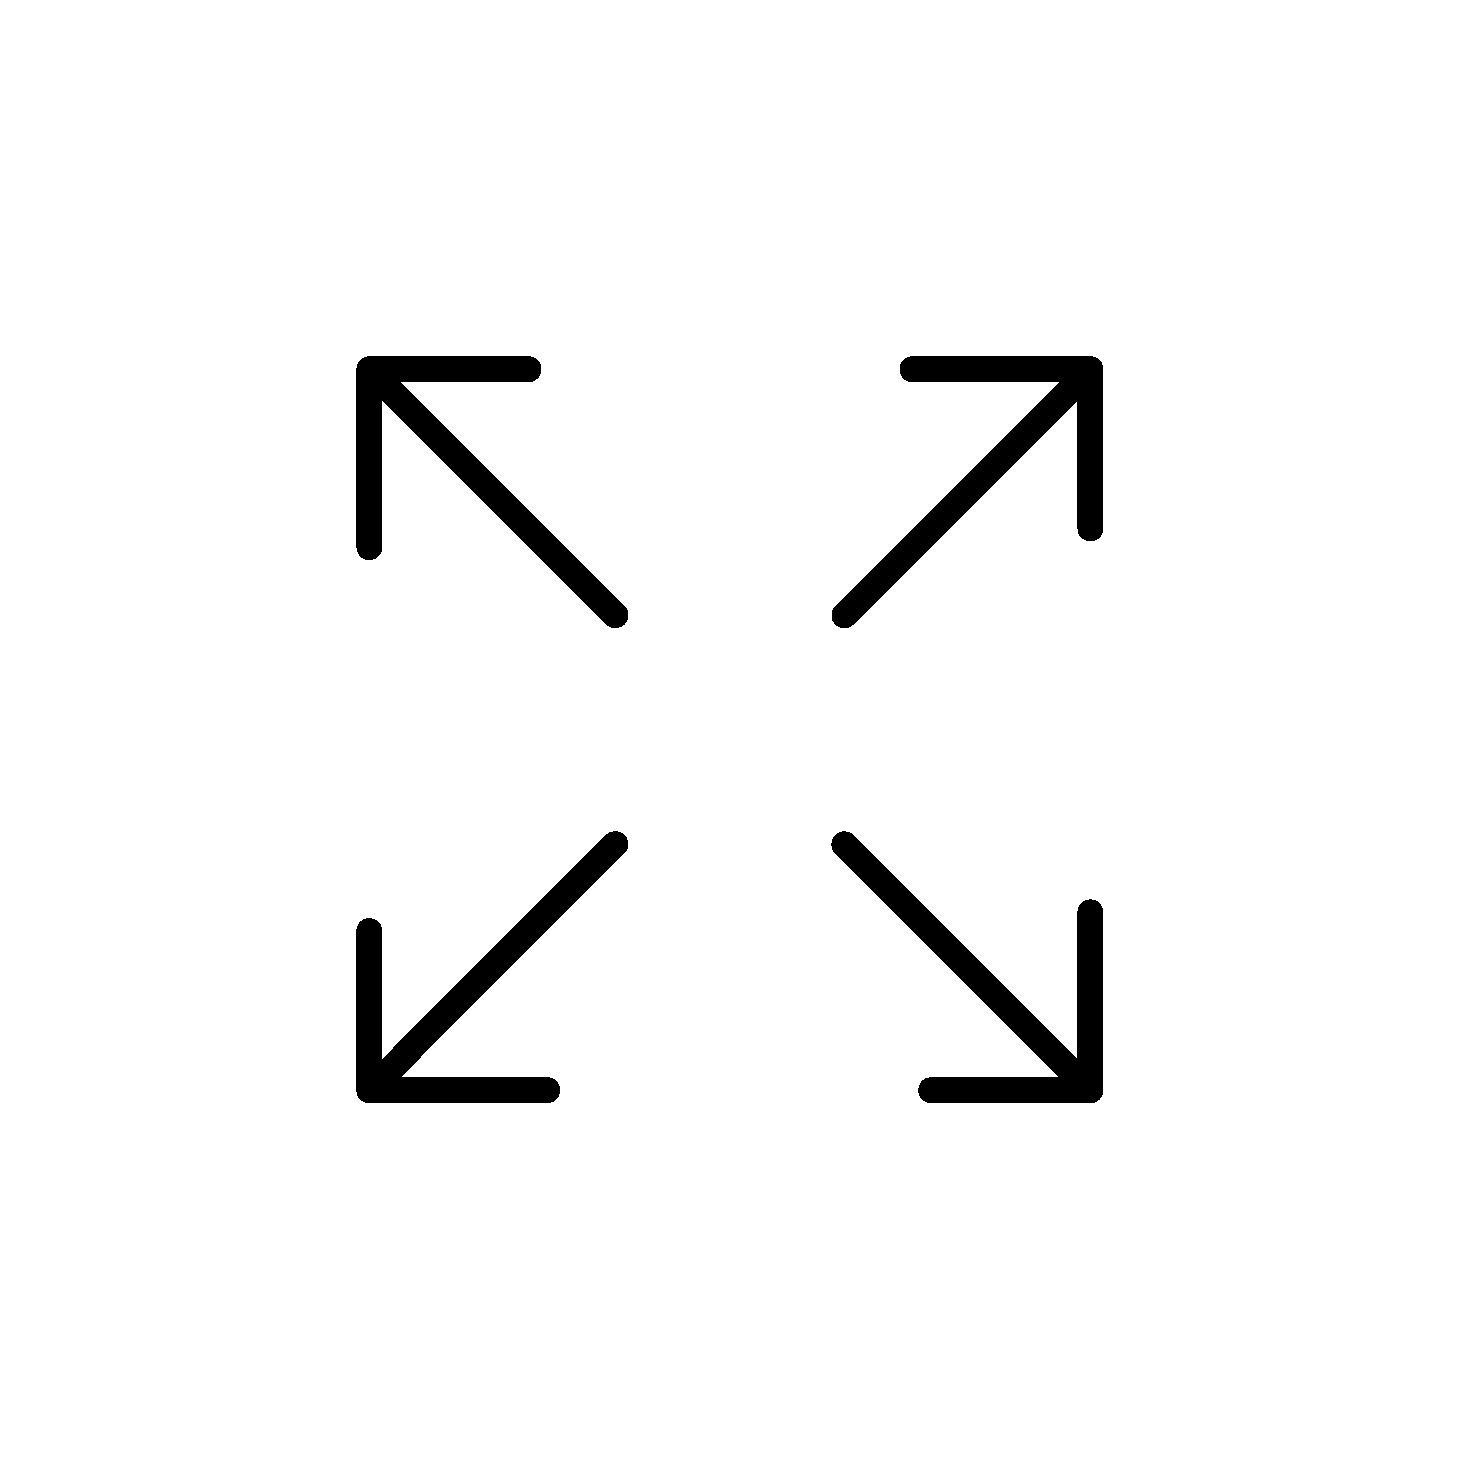 Icon-Tertiary-Expand-Black